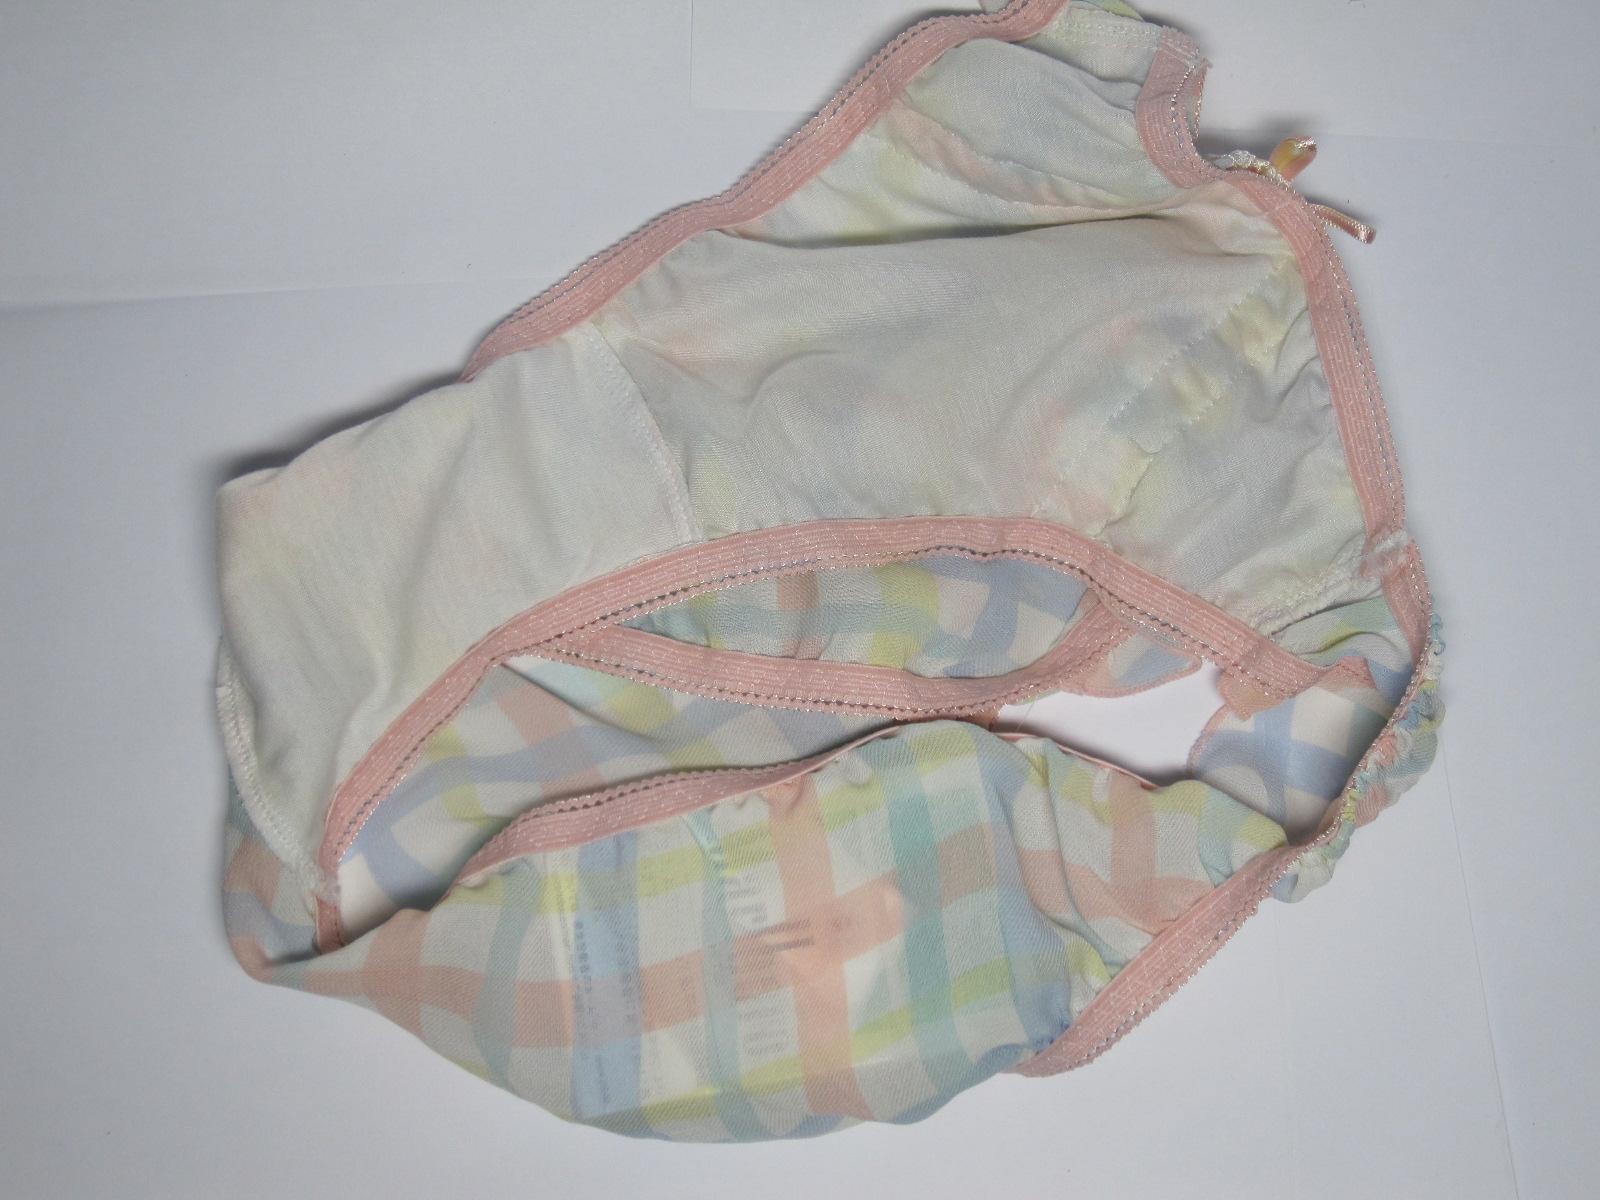 妹パンティー クロッチ 妹の汚れたお漏らしクロッチ下着に自慰射精エロ画像|エロの境界線